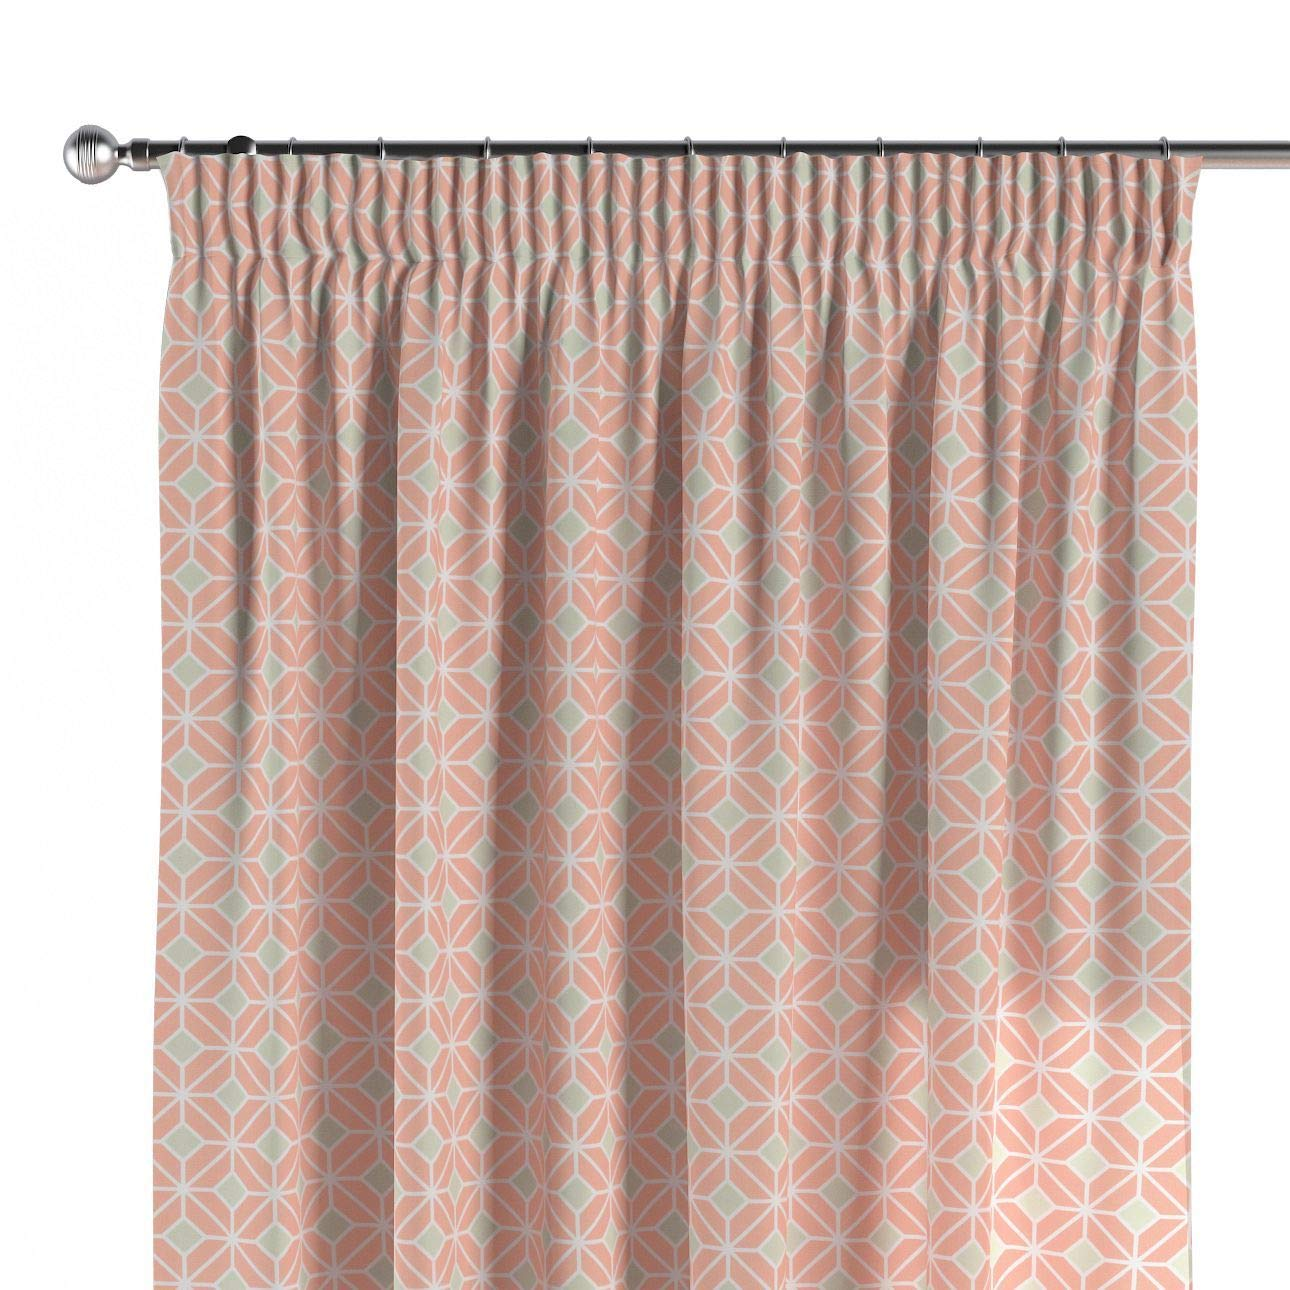 Dekoria Vorhang mit Kräuselband Dekoschal Blickdicht 1 Stck. 130 × 260 cm orange-grün Maßanfertigung möglich